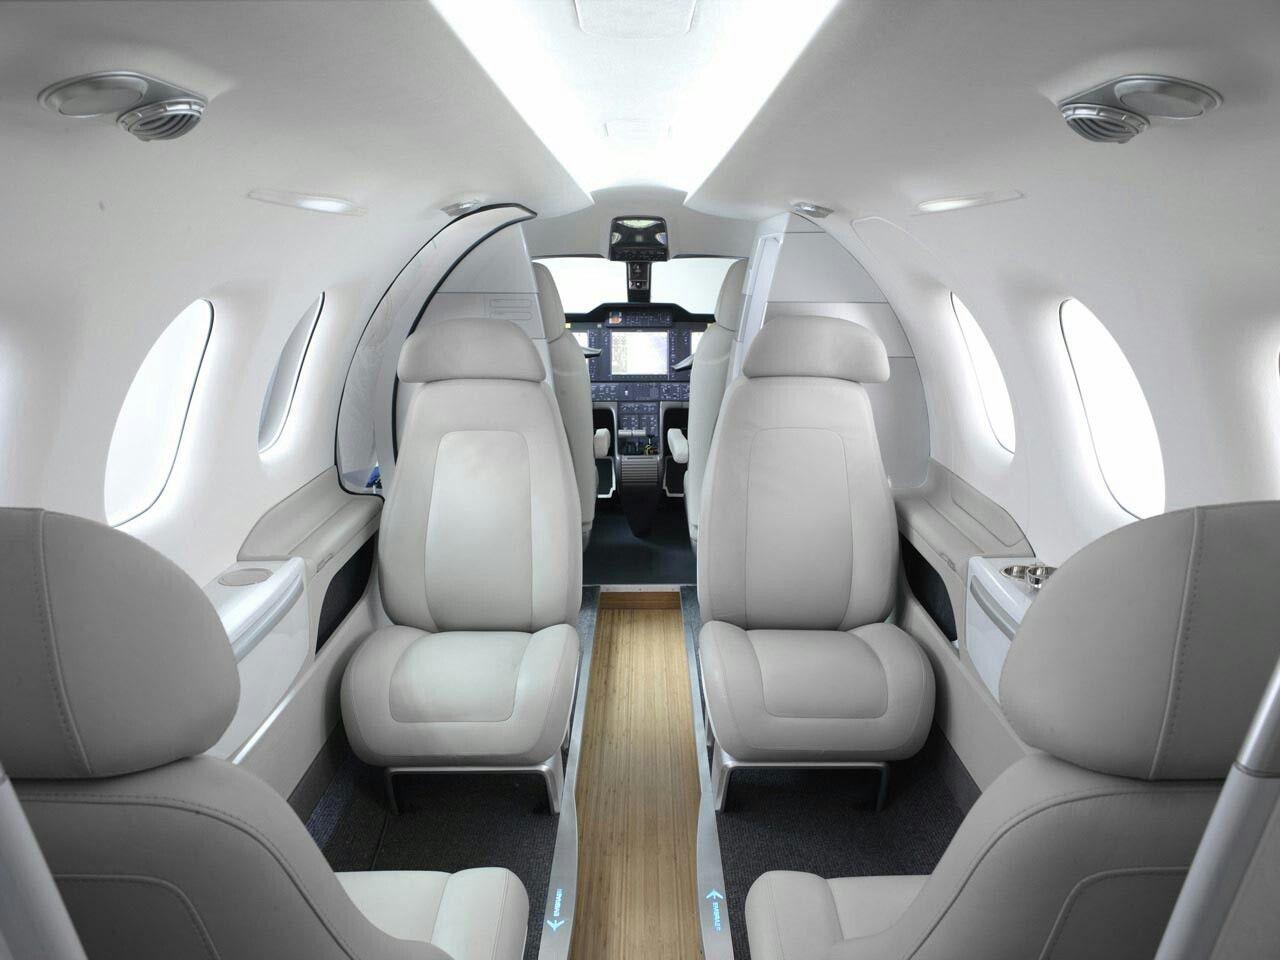 boeing 787 dreamliner boeing 787 dreamliner embraer phenom 100e interior 4 seater jet